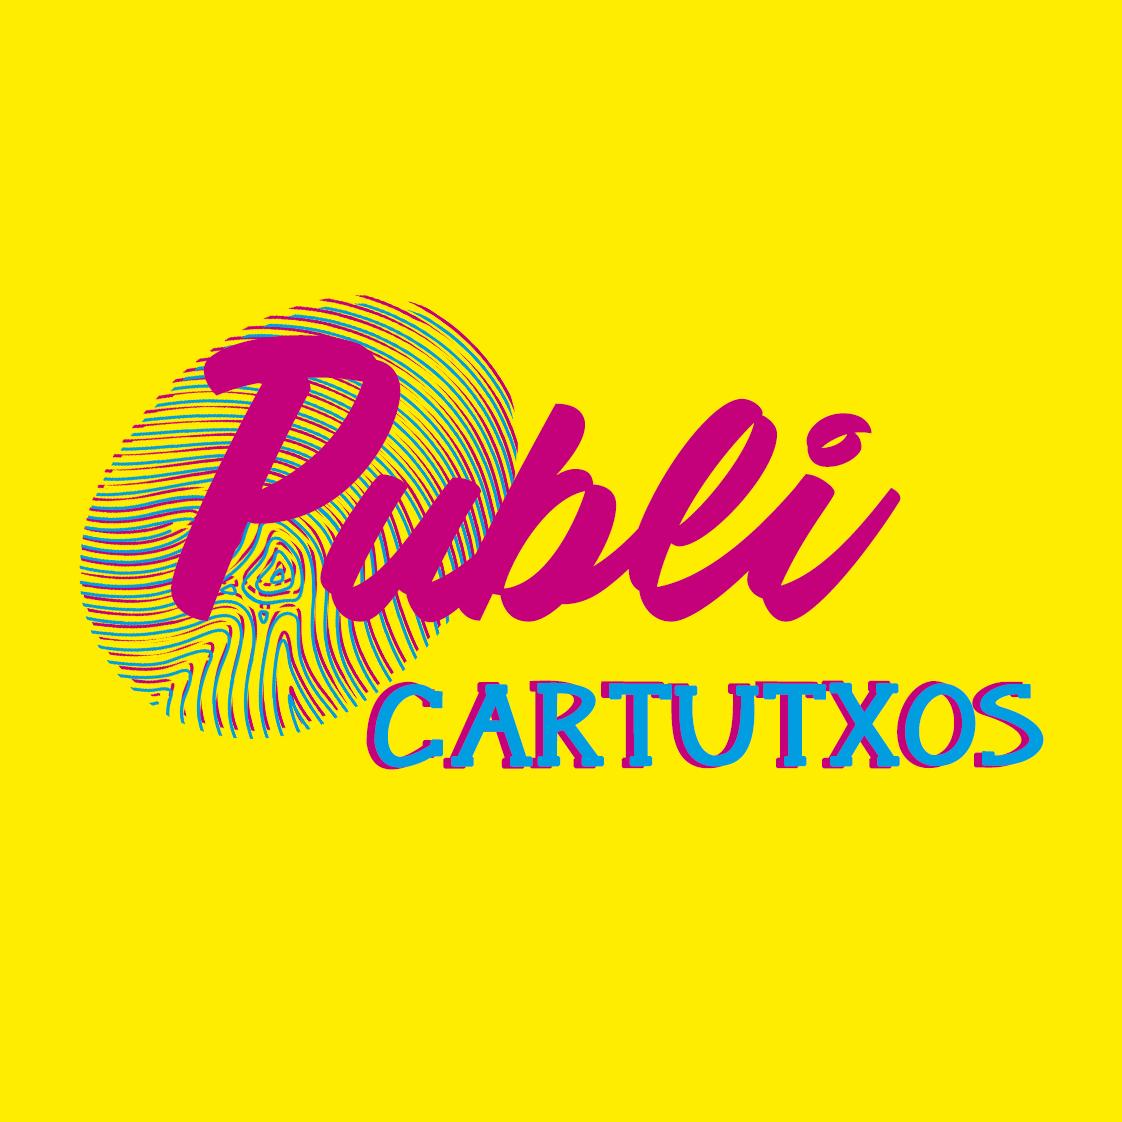 Logo comerç PubliCartuchos